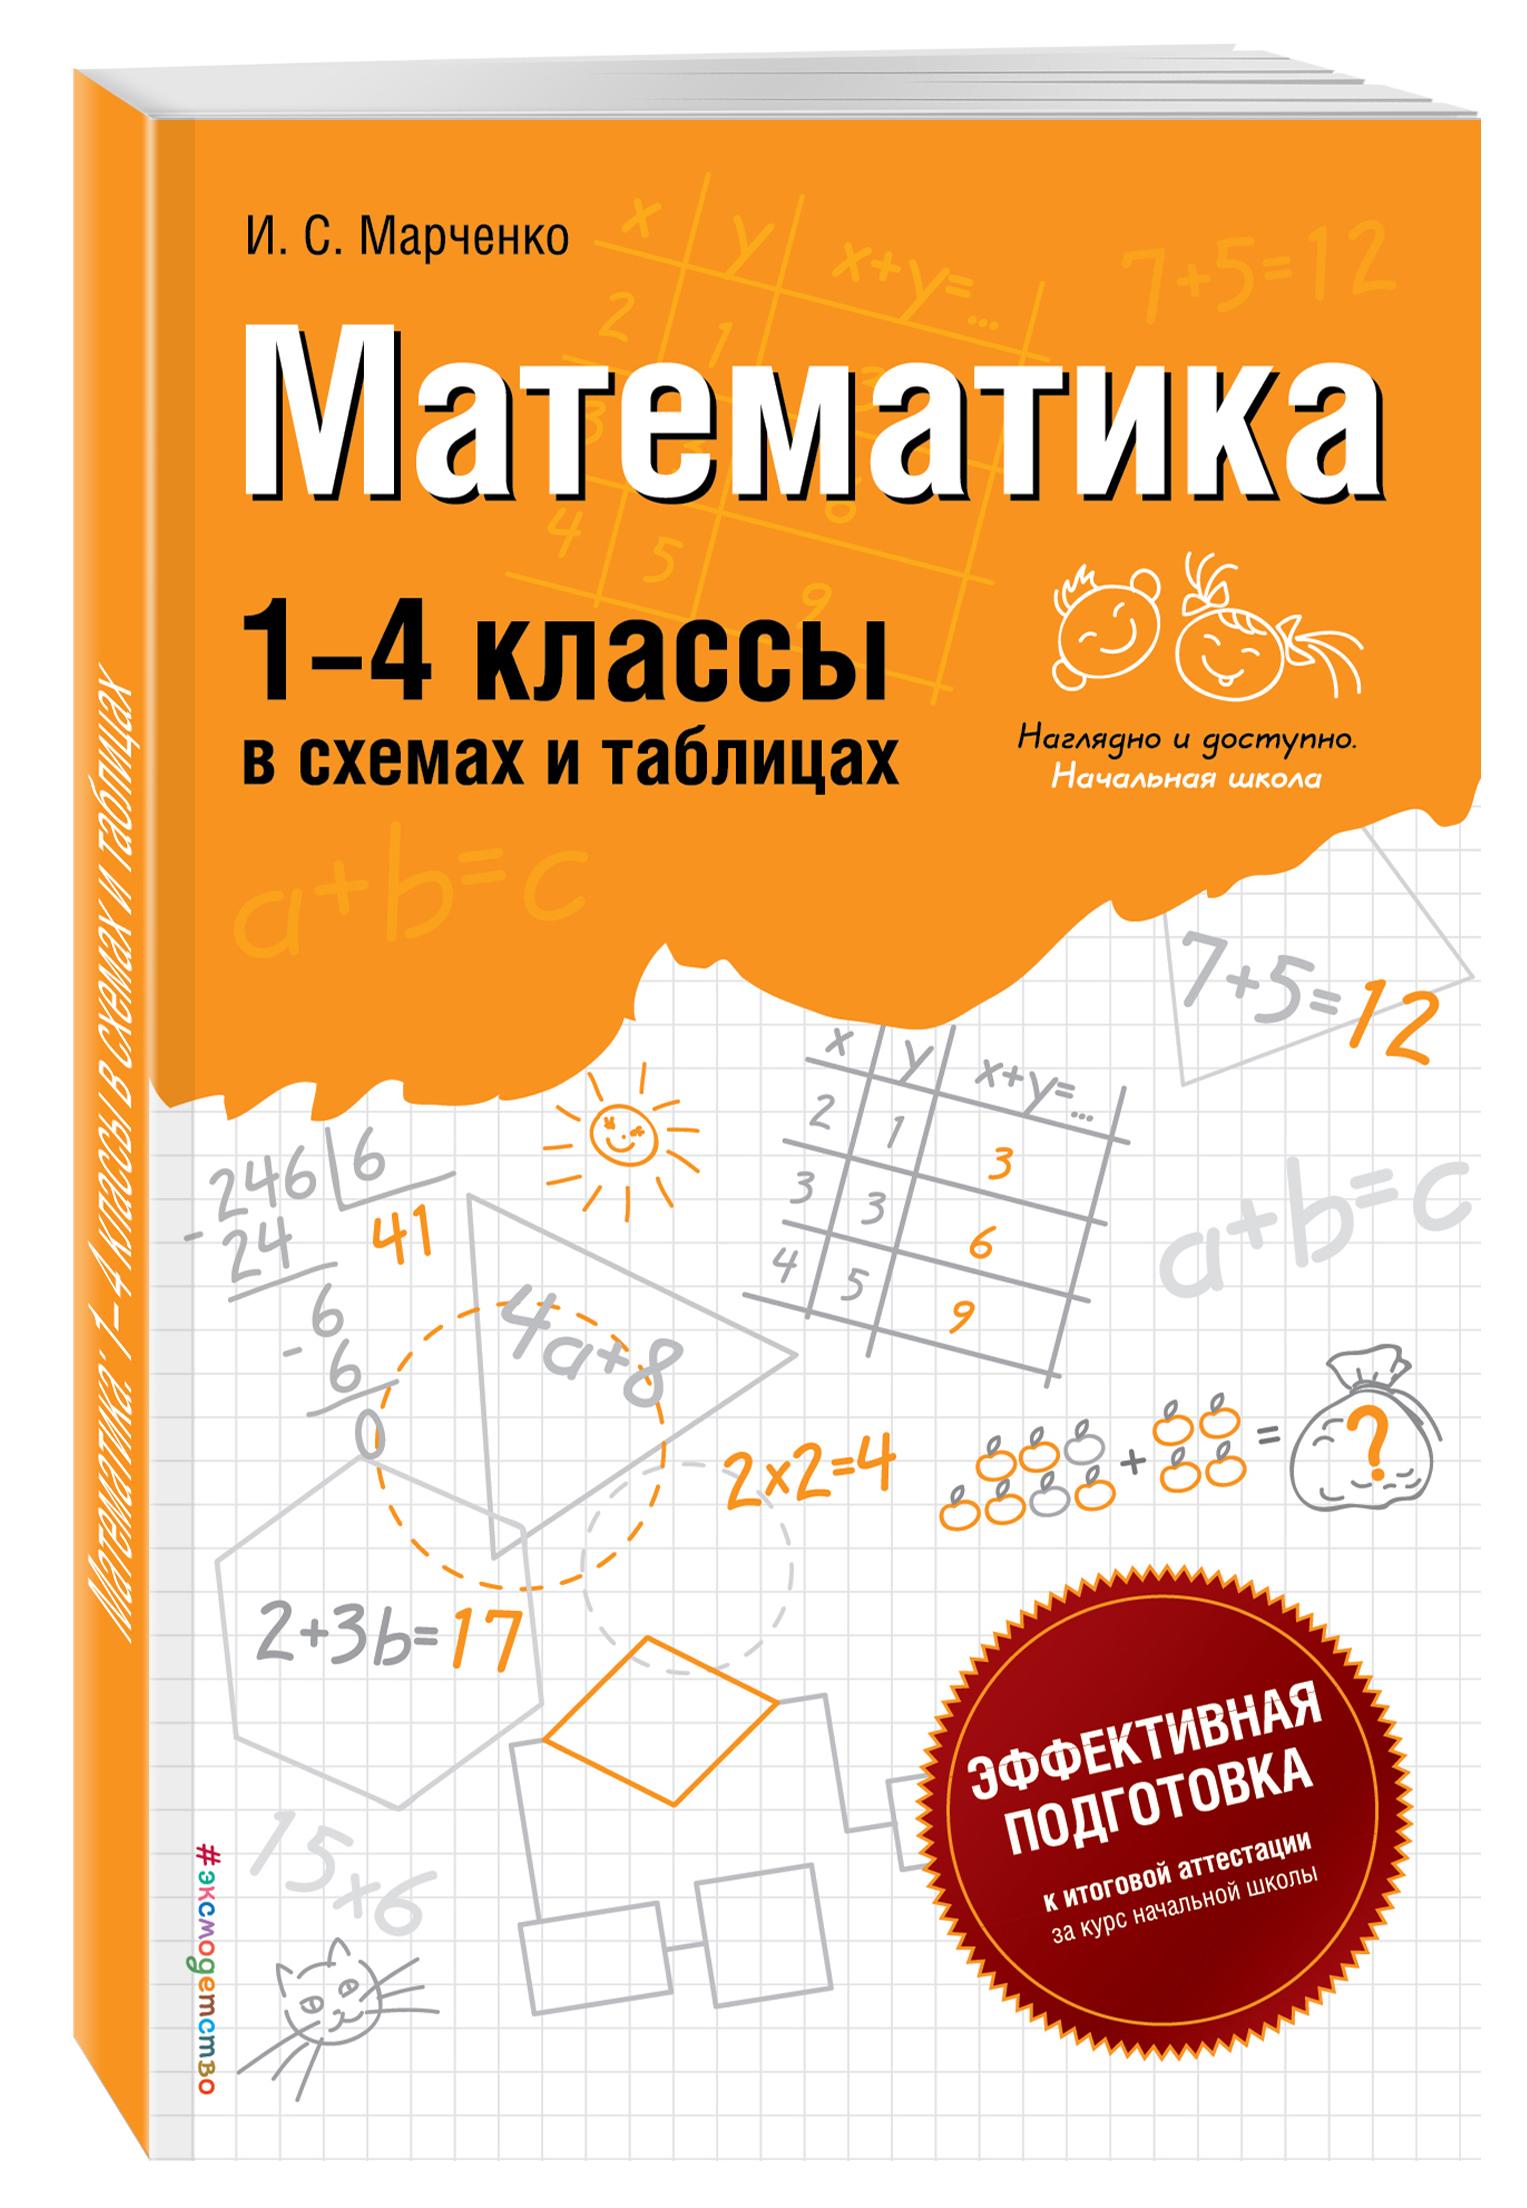 Математика: 1-4 классы в схемах и таблицах